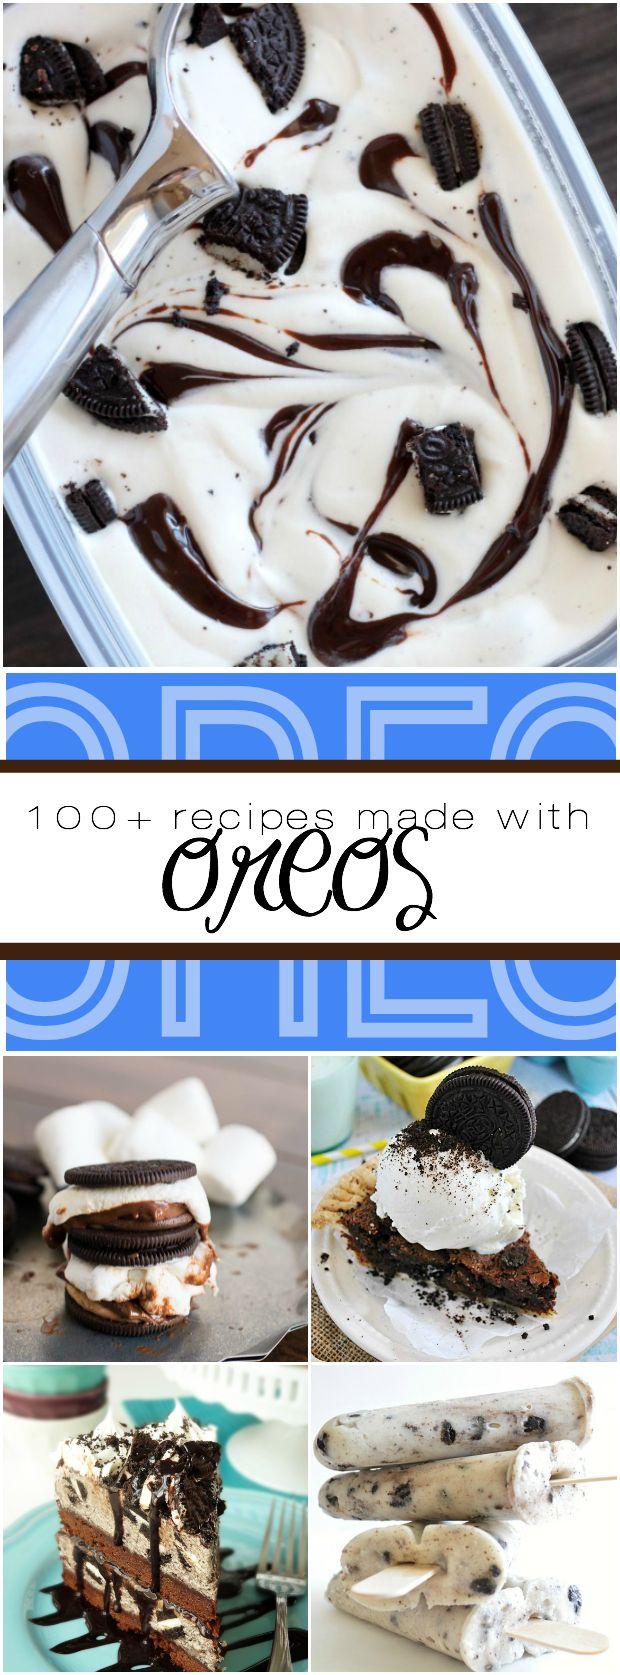 100+ recipes using Oreos!